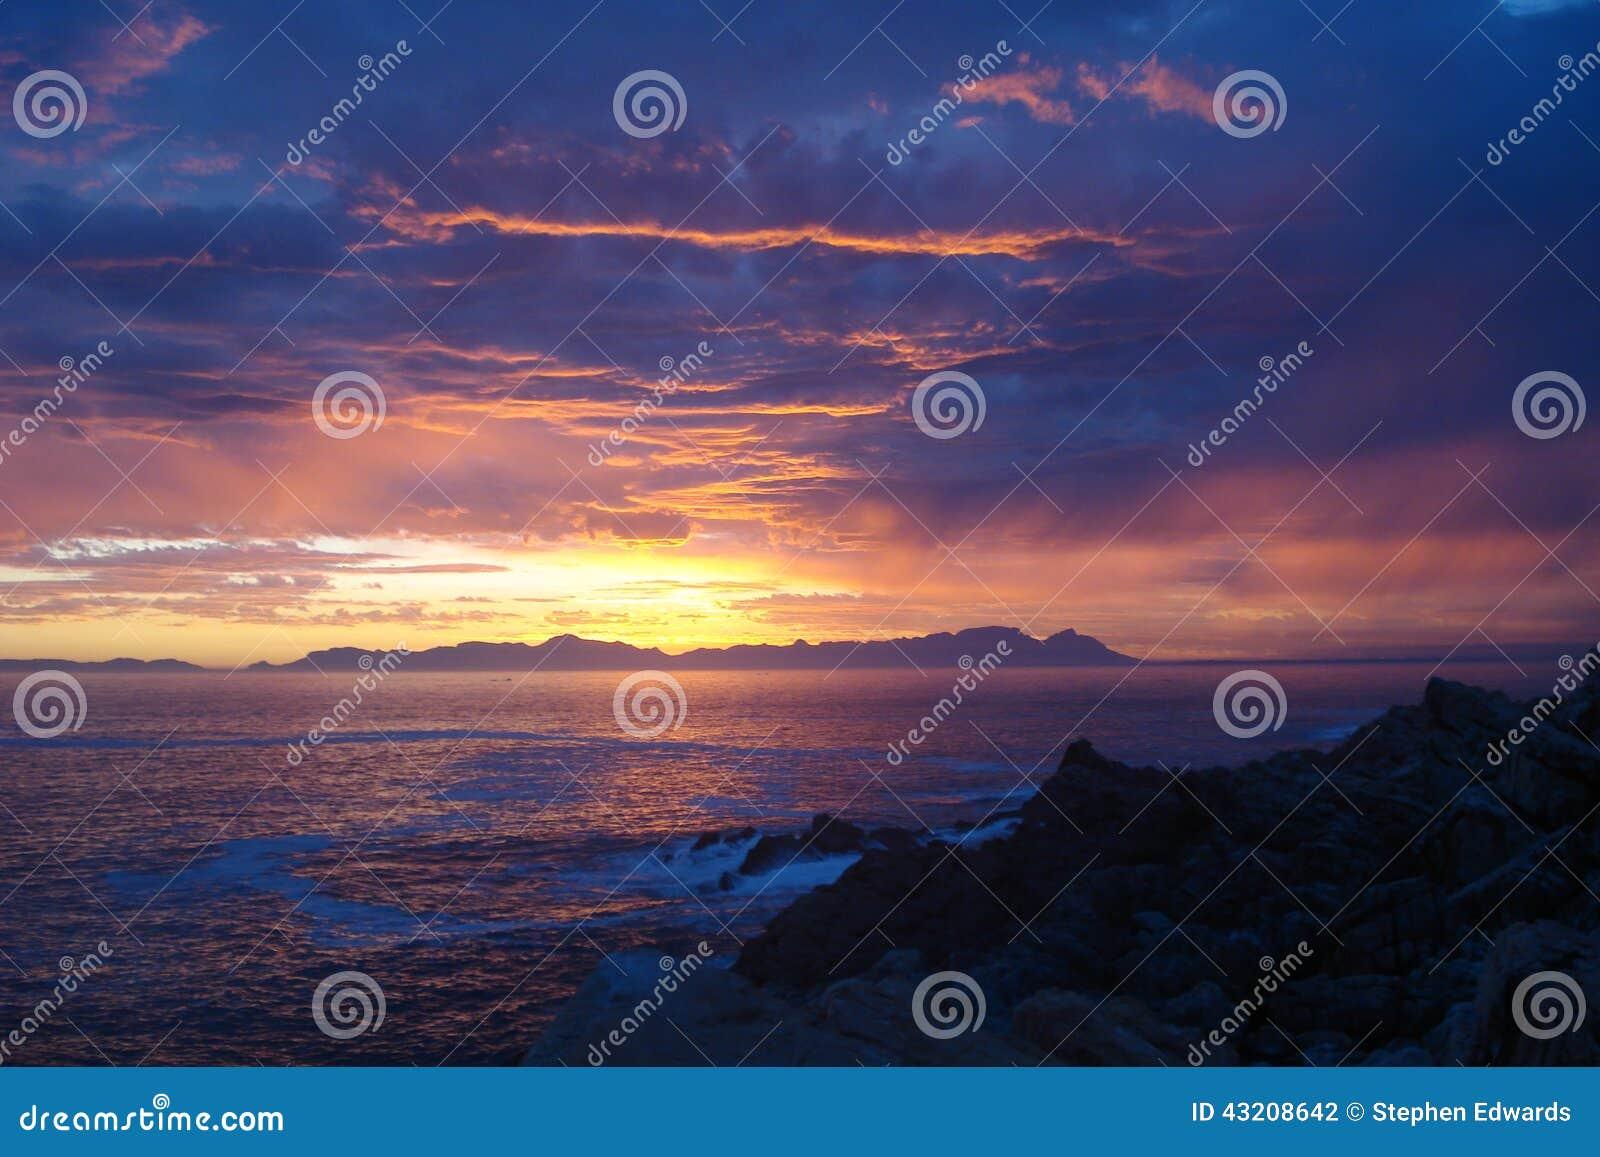 Download Södra - Afrikansk Solnedgång över Havet Arkivfoto - Bild av sand, reflexion: 43208642